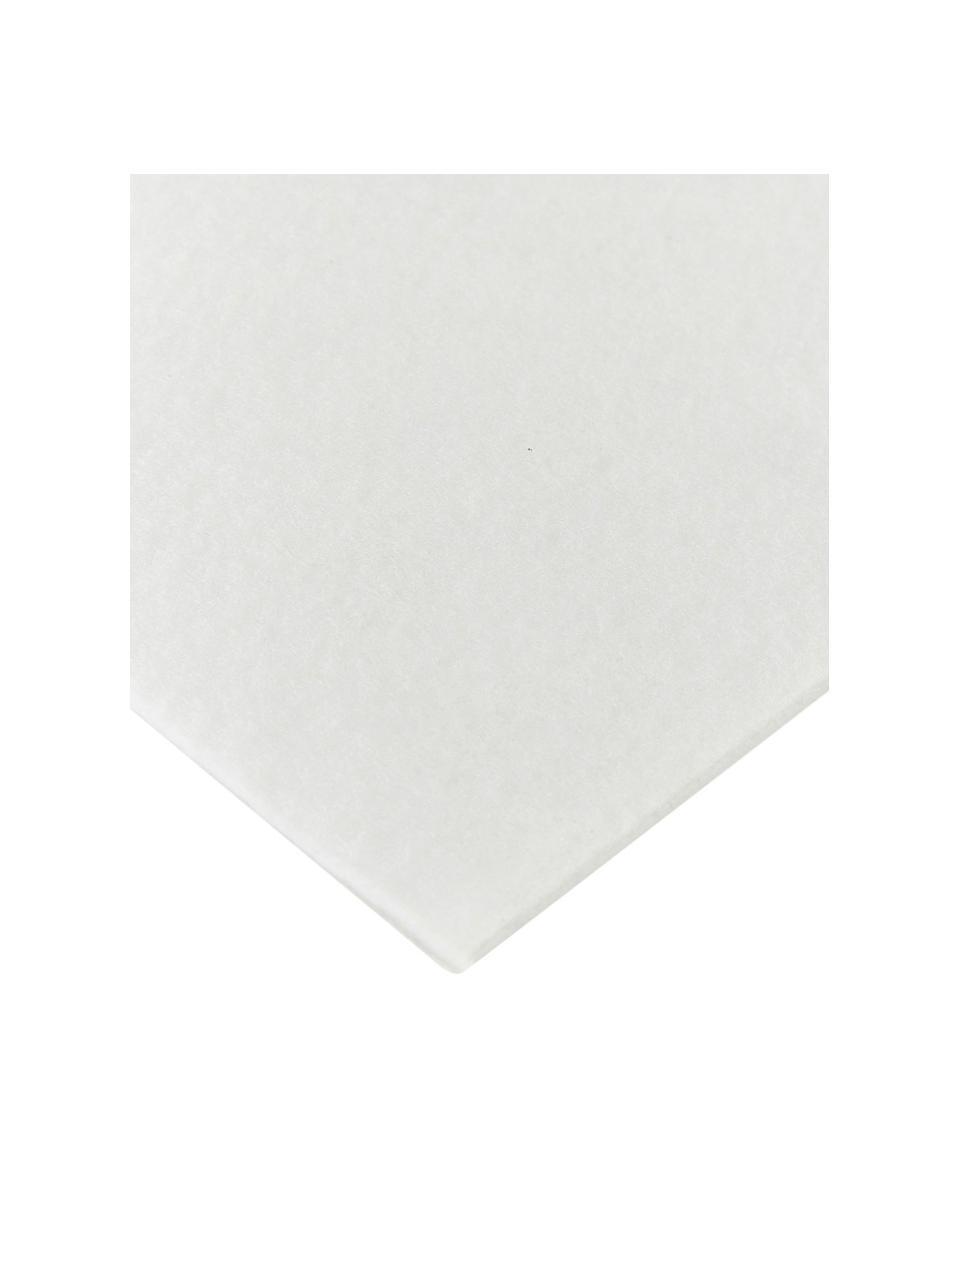 Vlies-Teppichunterlage My Slip Stop aus Polyestervlies, Polyestervlies mit Anti-Rutsch-Beschichtung, Creme, 180 x 270 cm